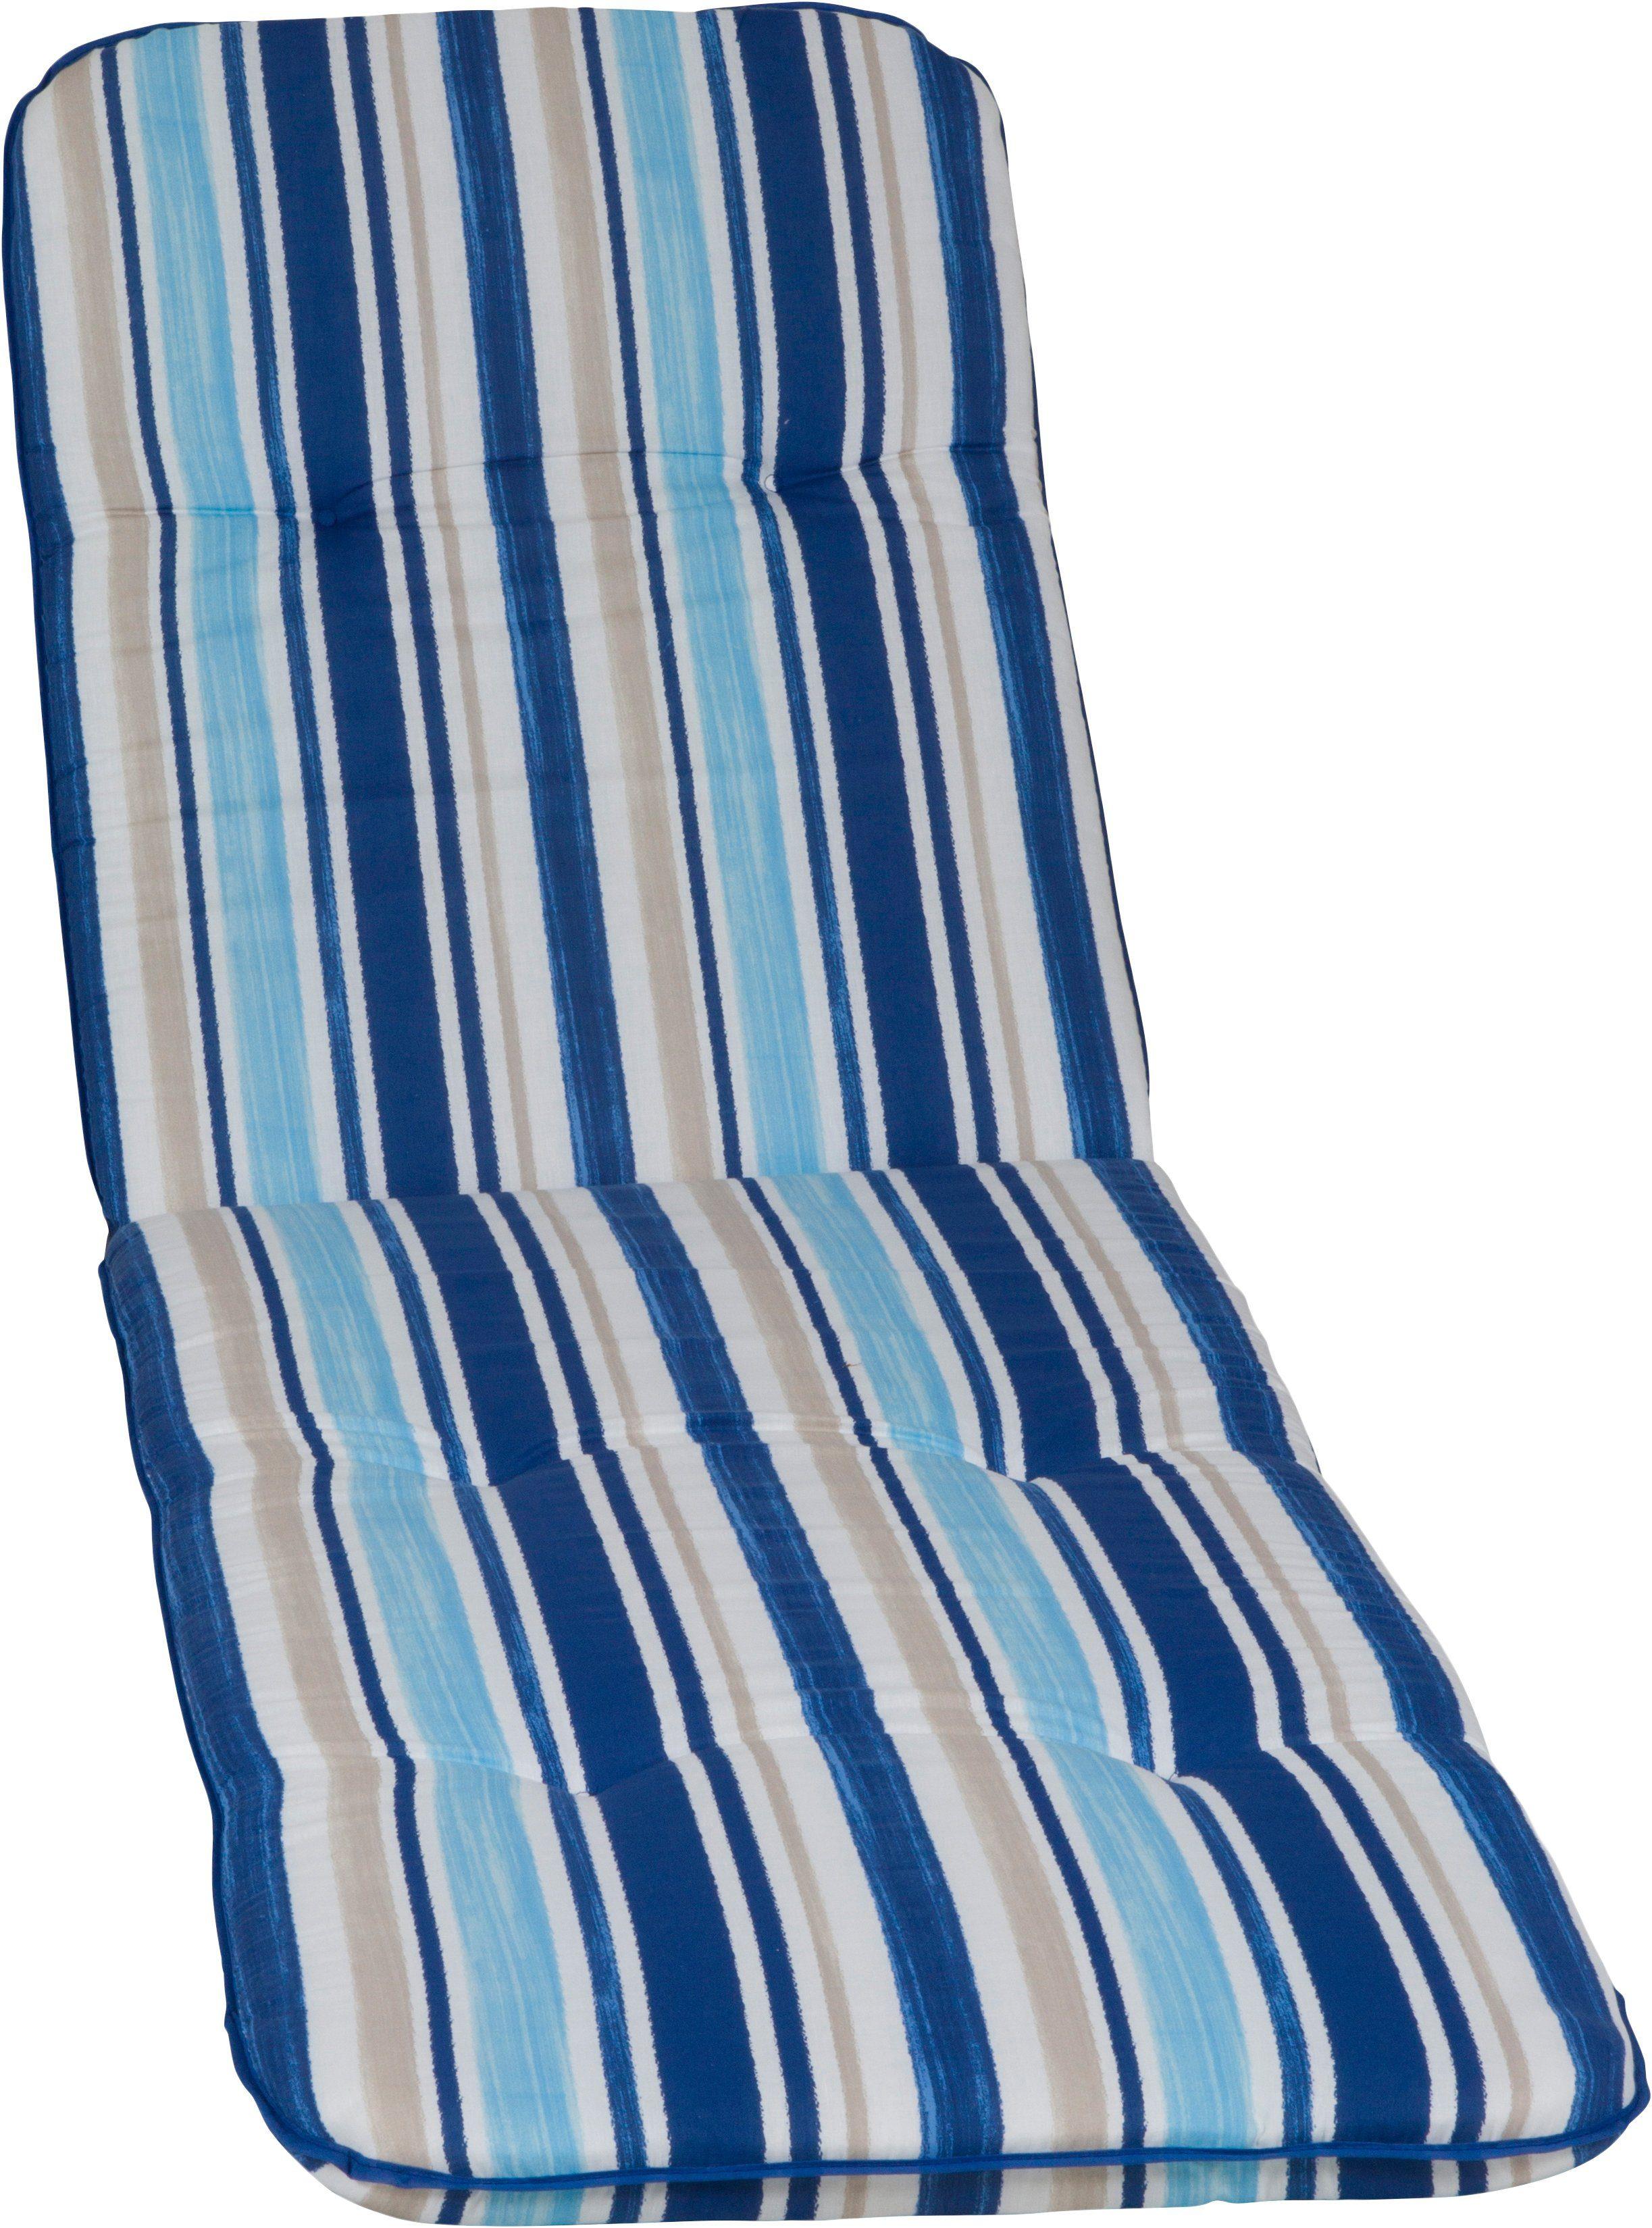 Liegenauflage »Capri«, (L/B): ca. 190x58 cm